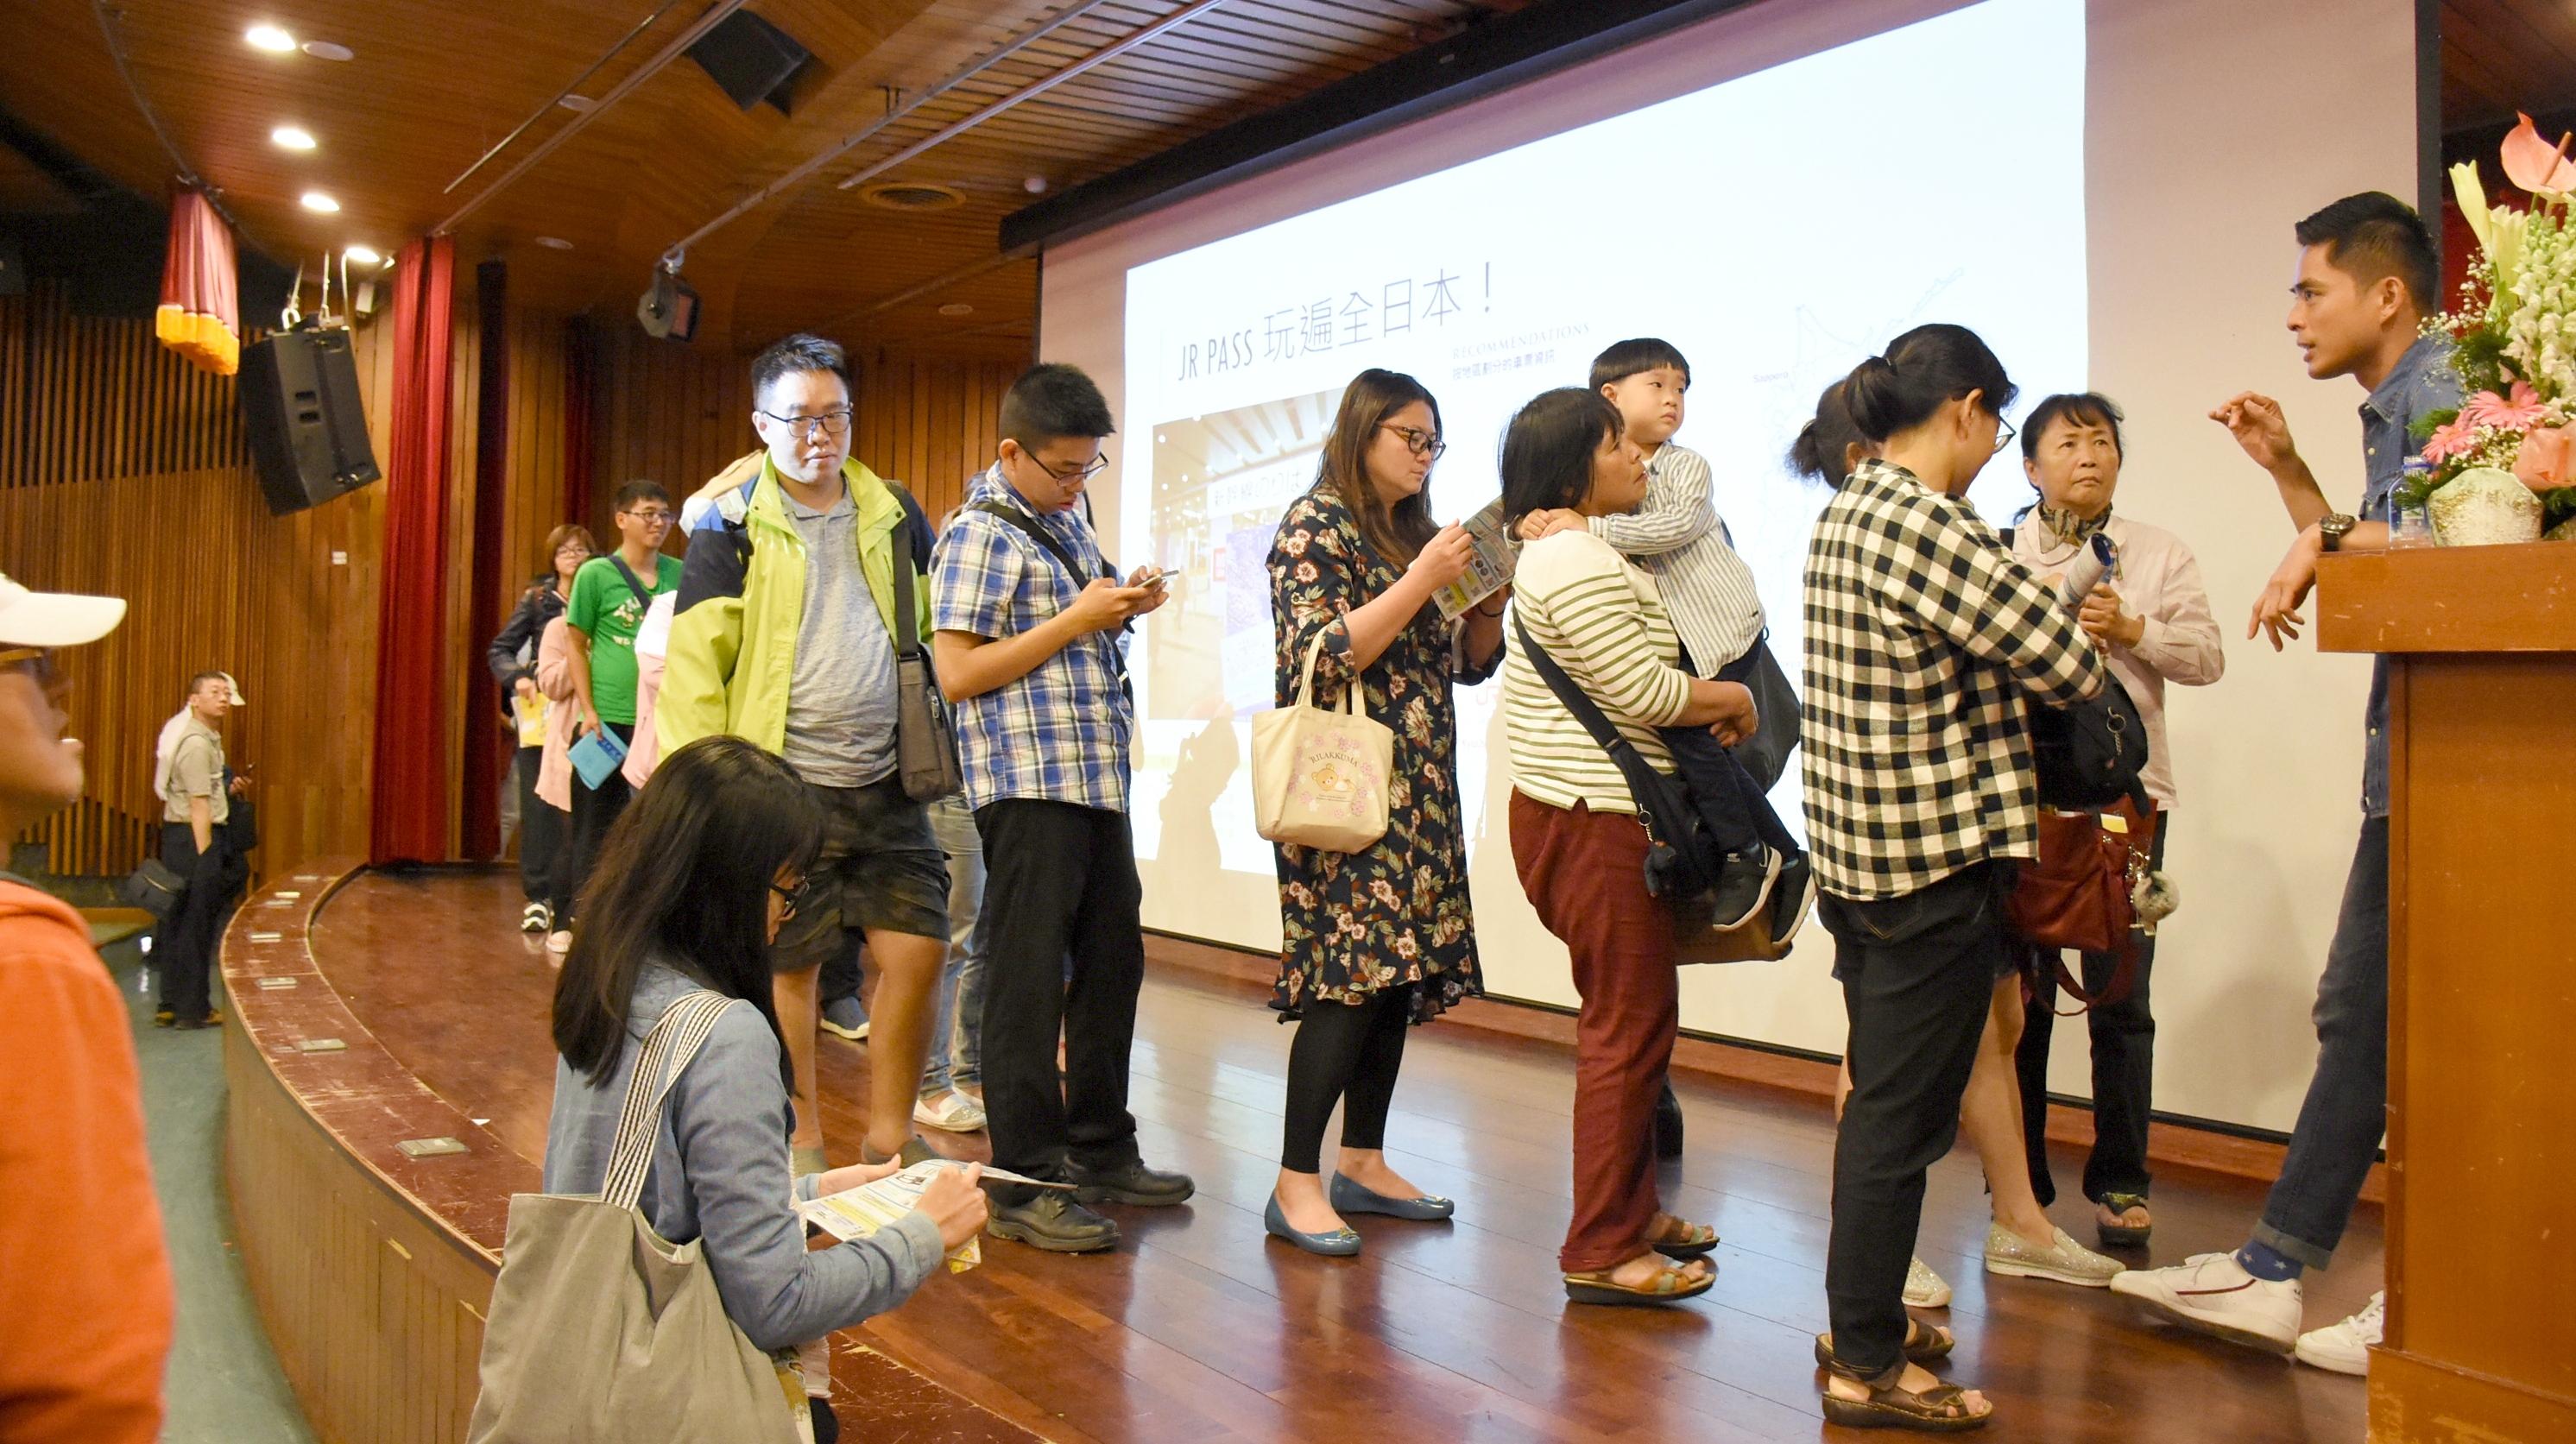 觀眾與演講者互動